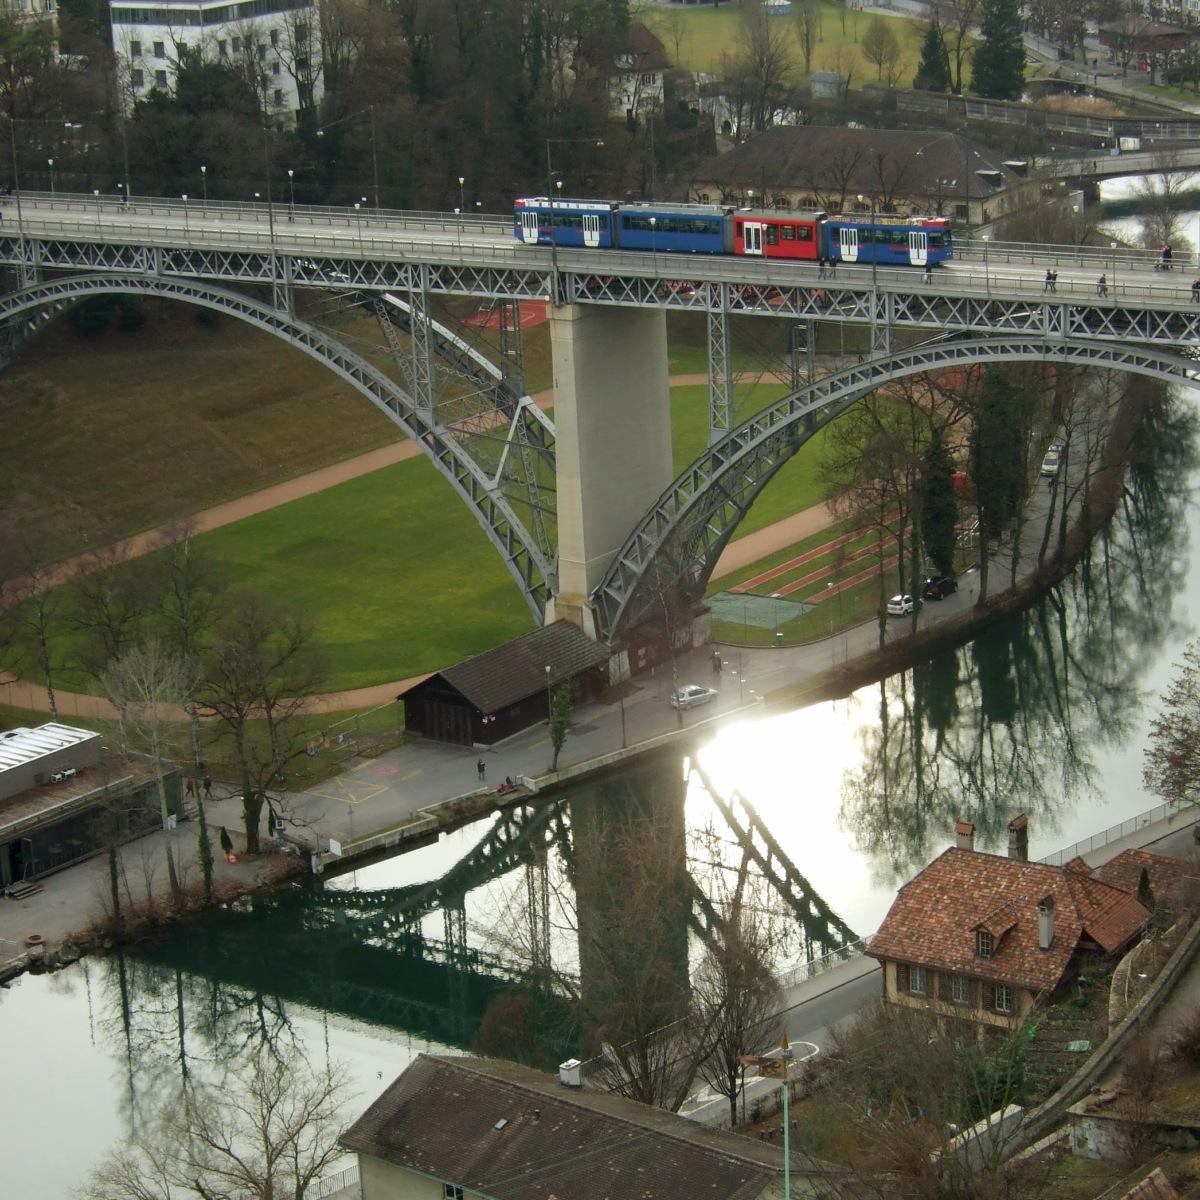 Aare/Fluss und Tram.